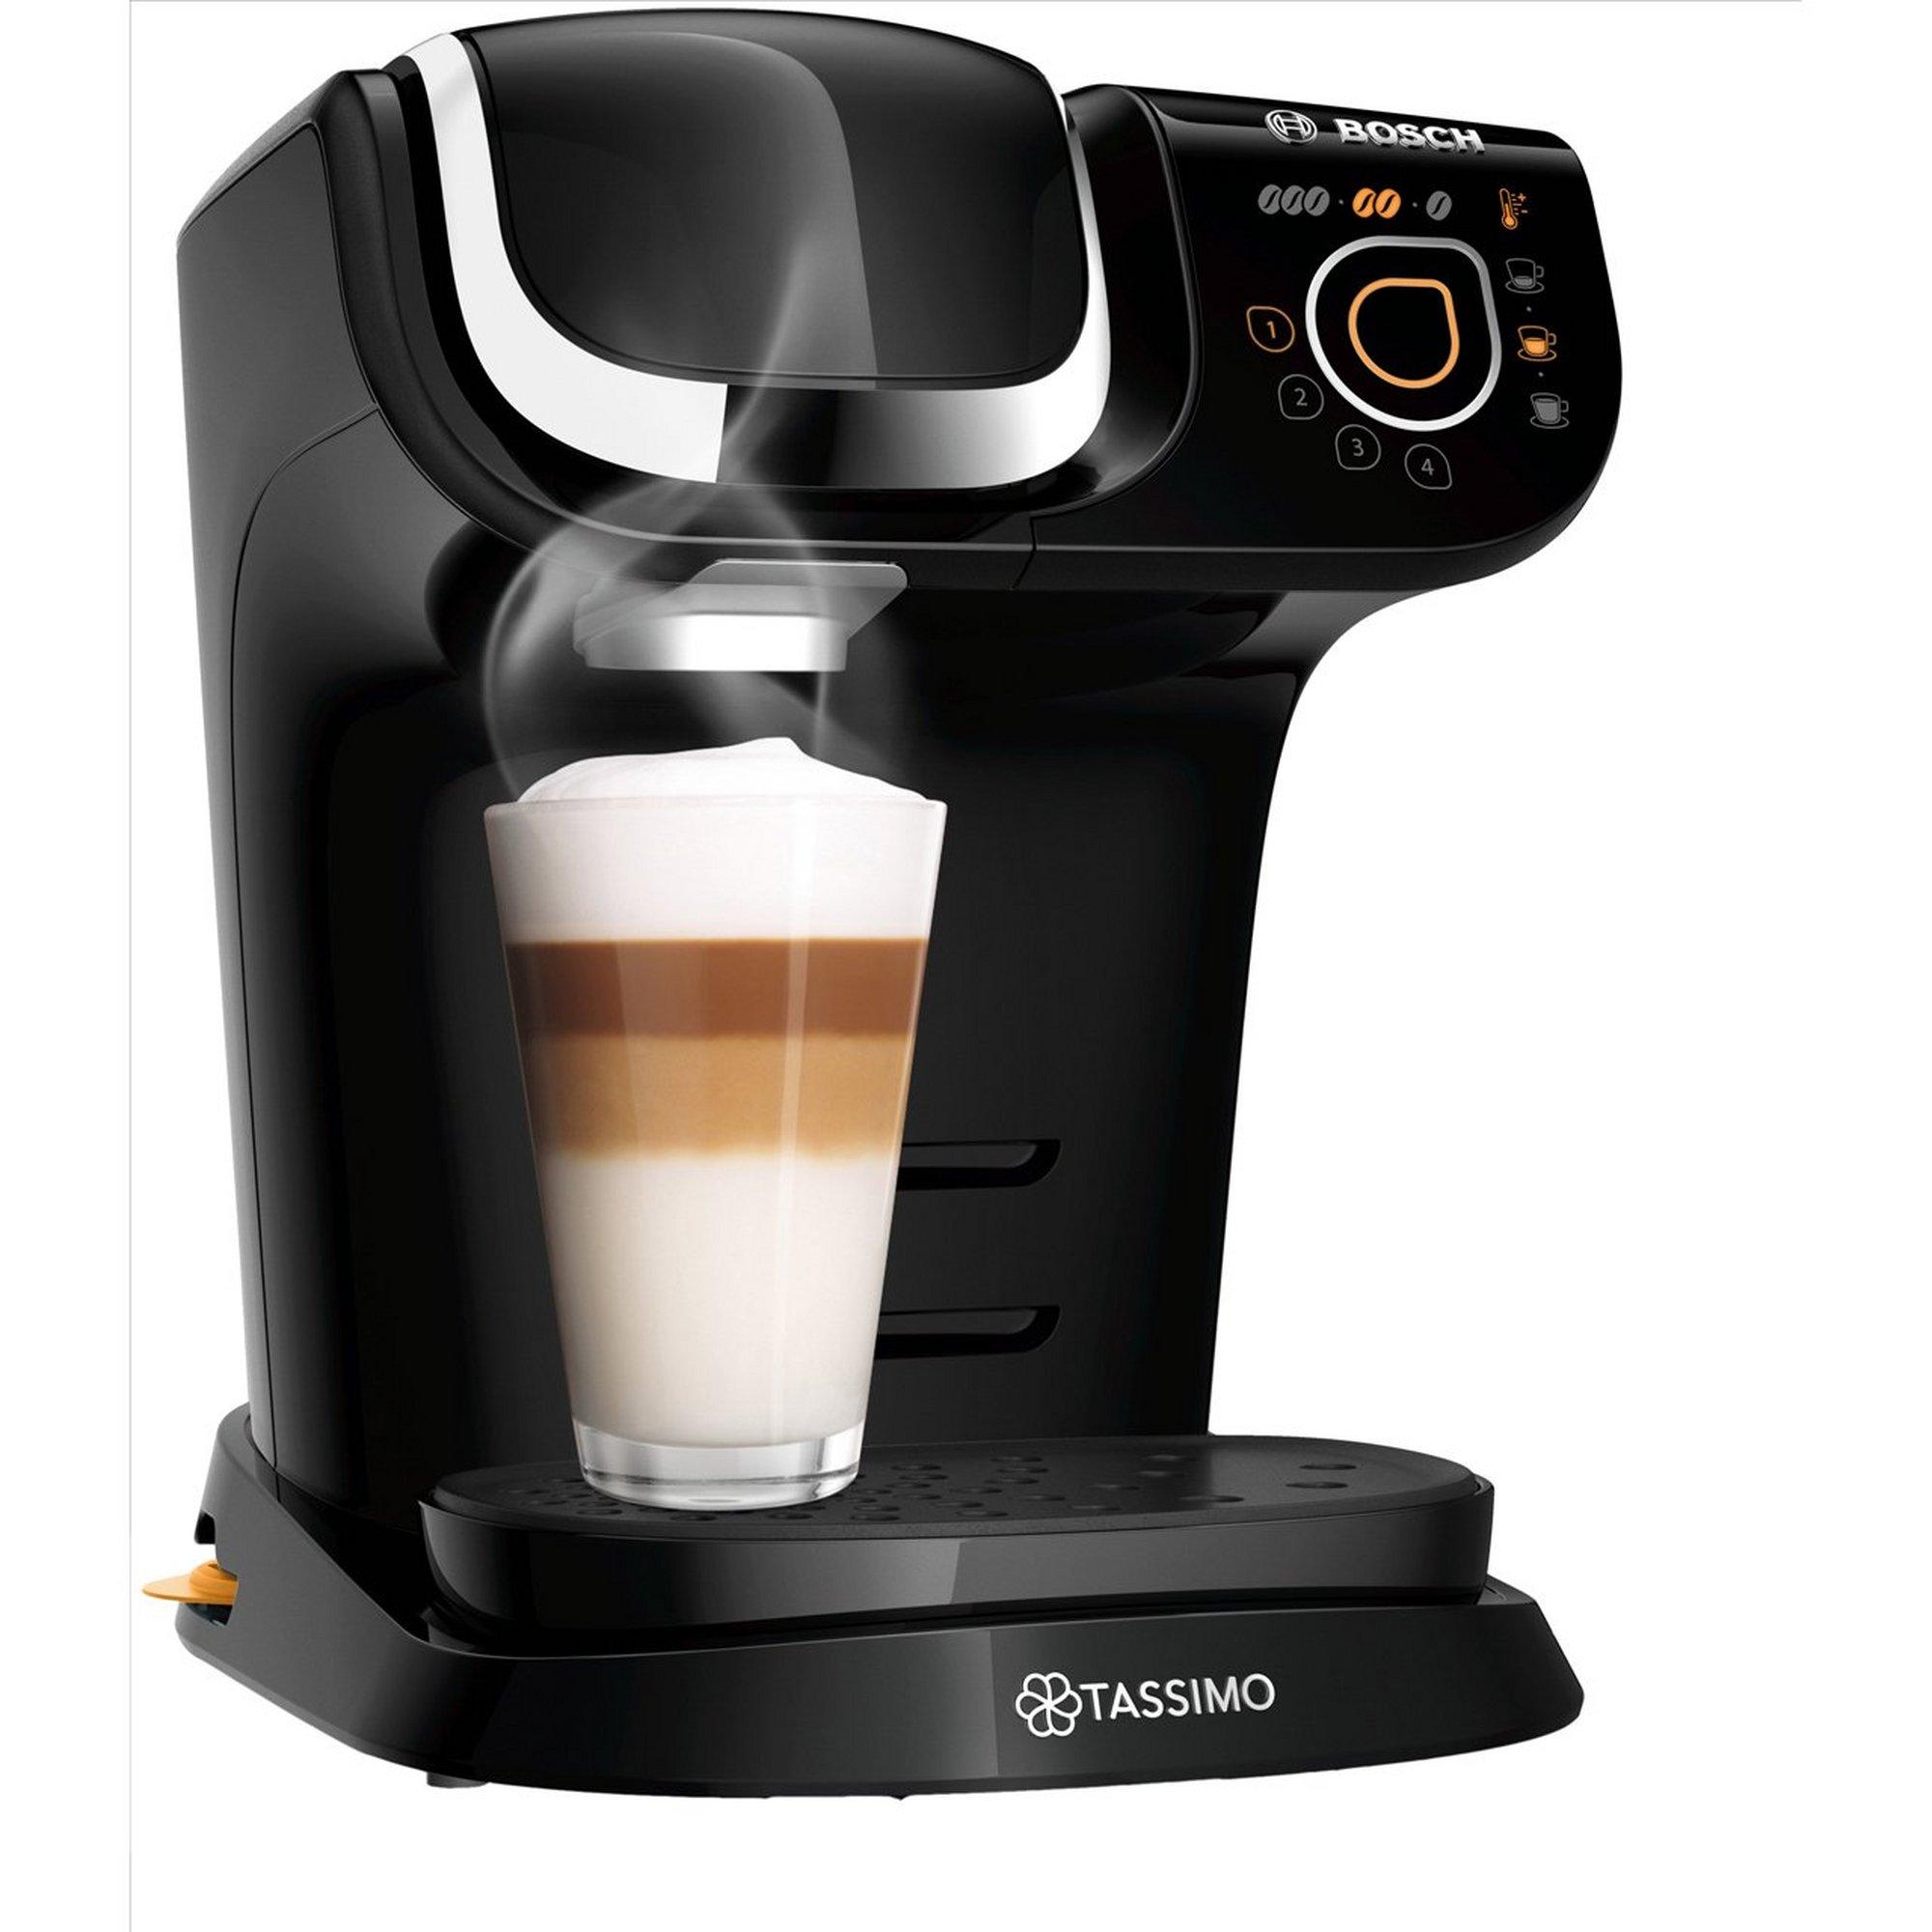 Image of Bosch Tassimo My Way 2 Hot Drinks Machine